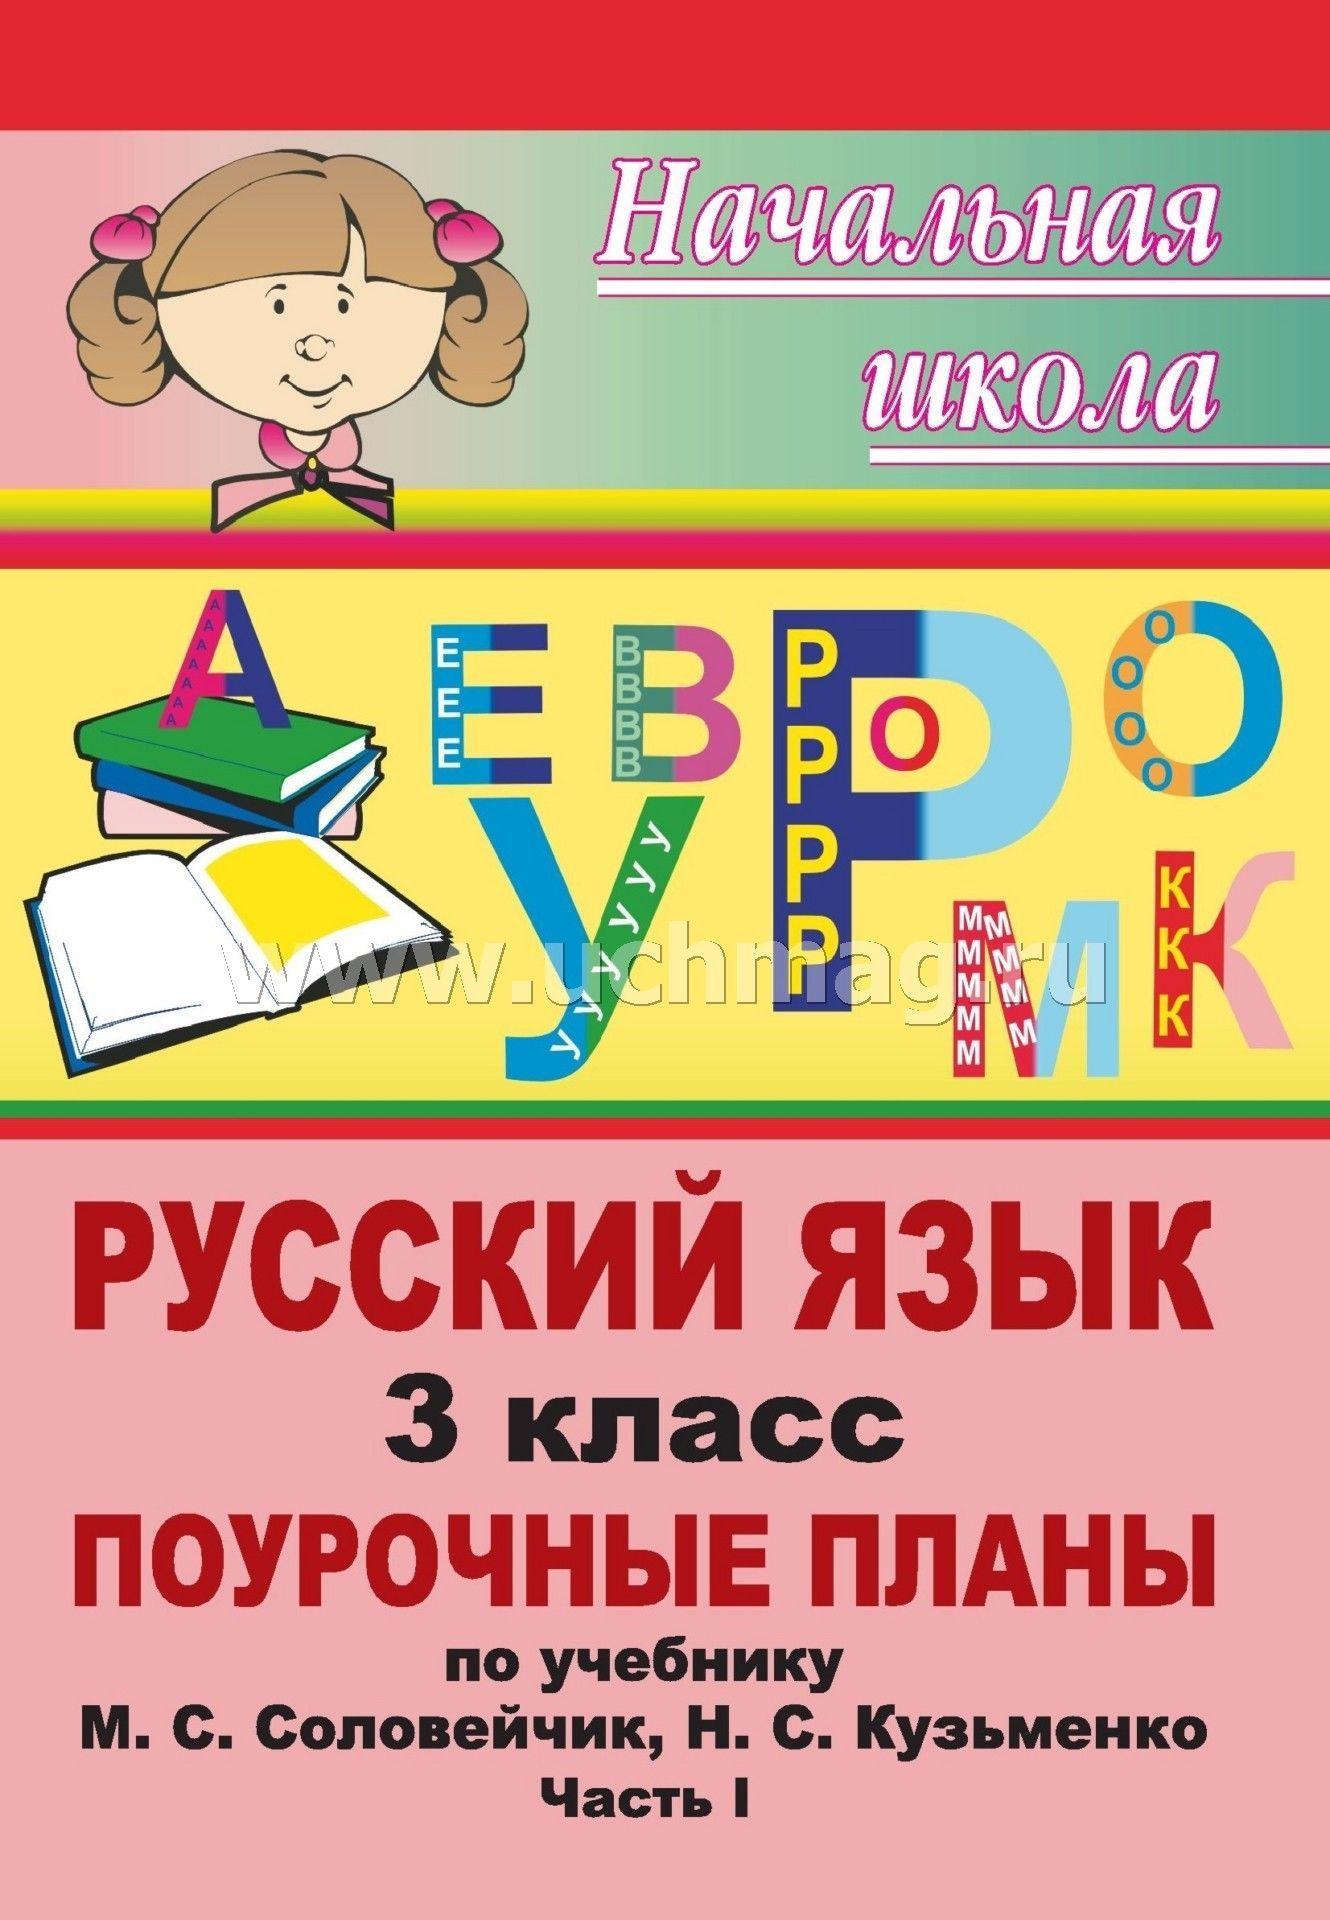 Гдз по татарскому языку 6 класс ф.ю юсупов